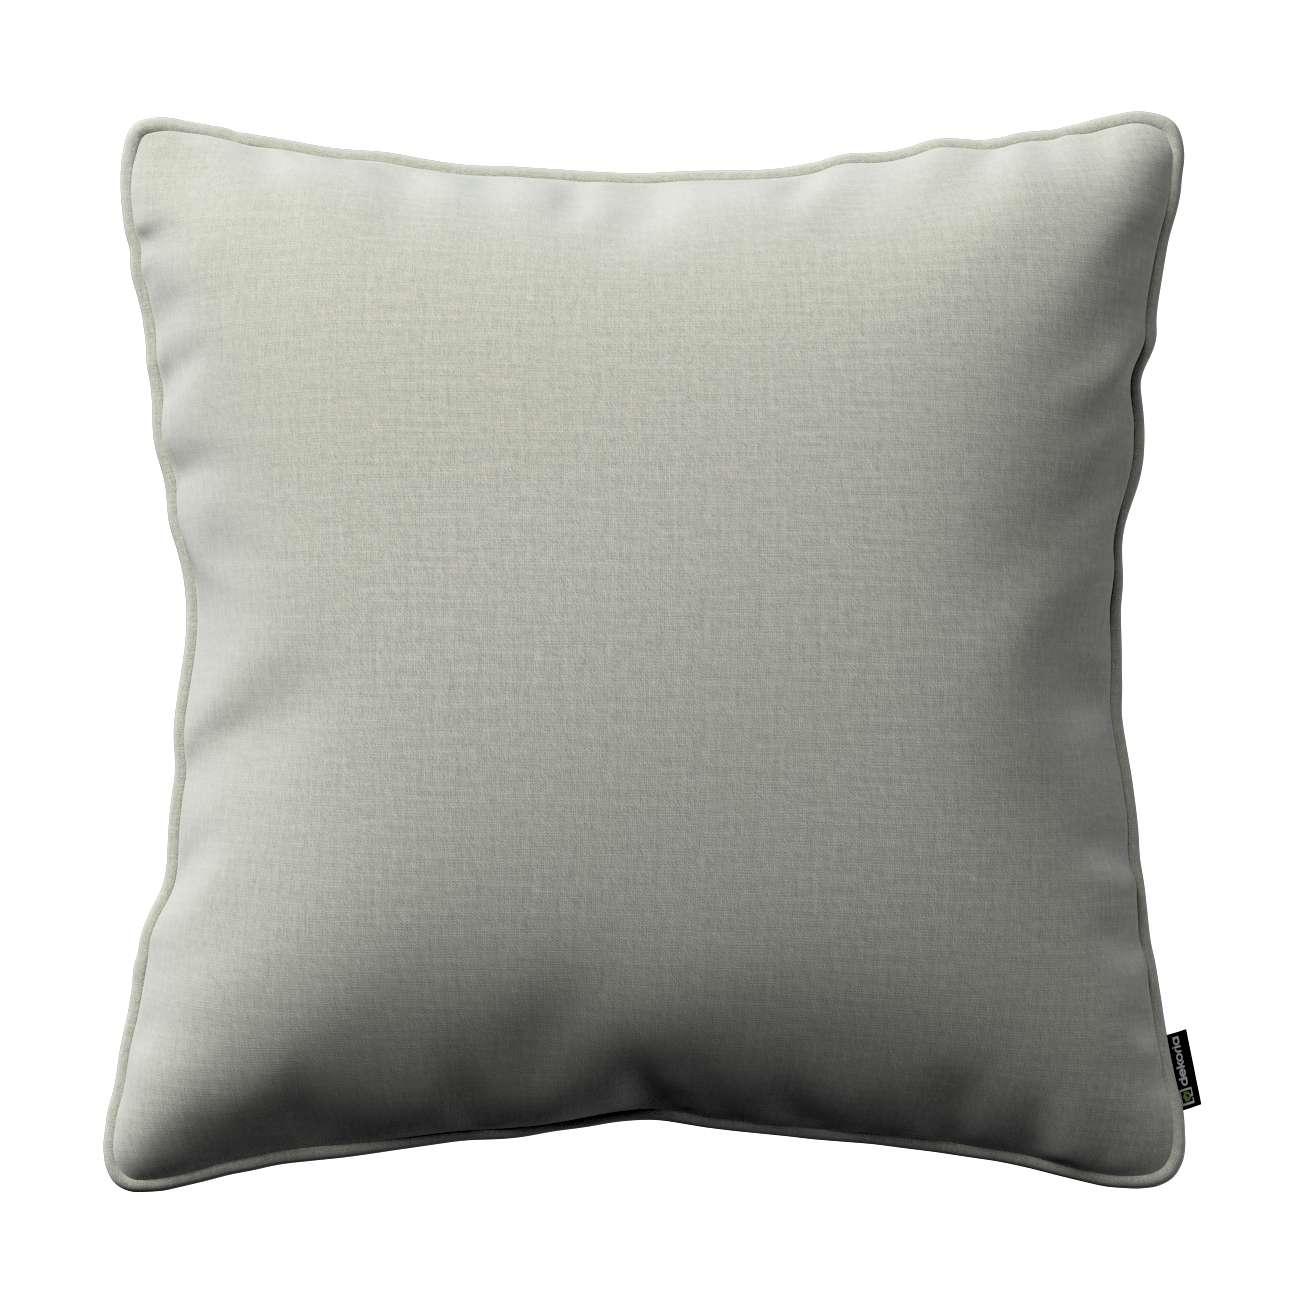 Poszewka Gabi na poduszkę w kolekcji Ingrid, tkanina: 705-41